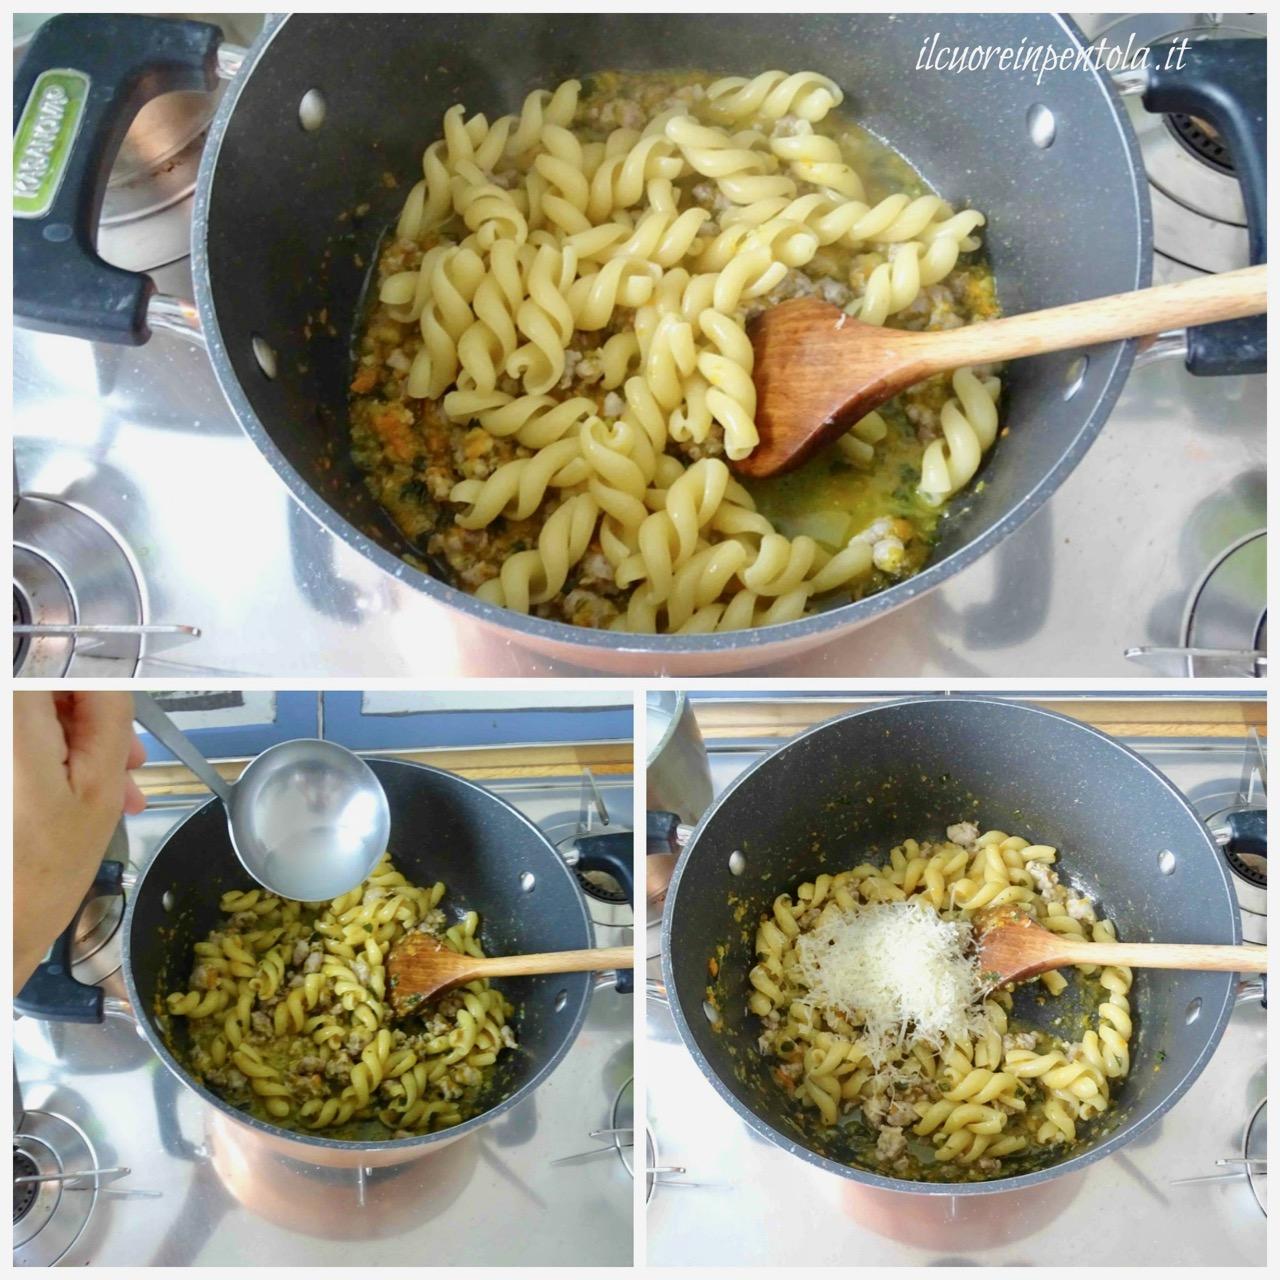 mantecare pasta e salsiccia